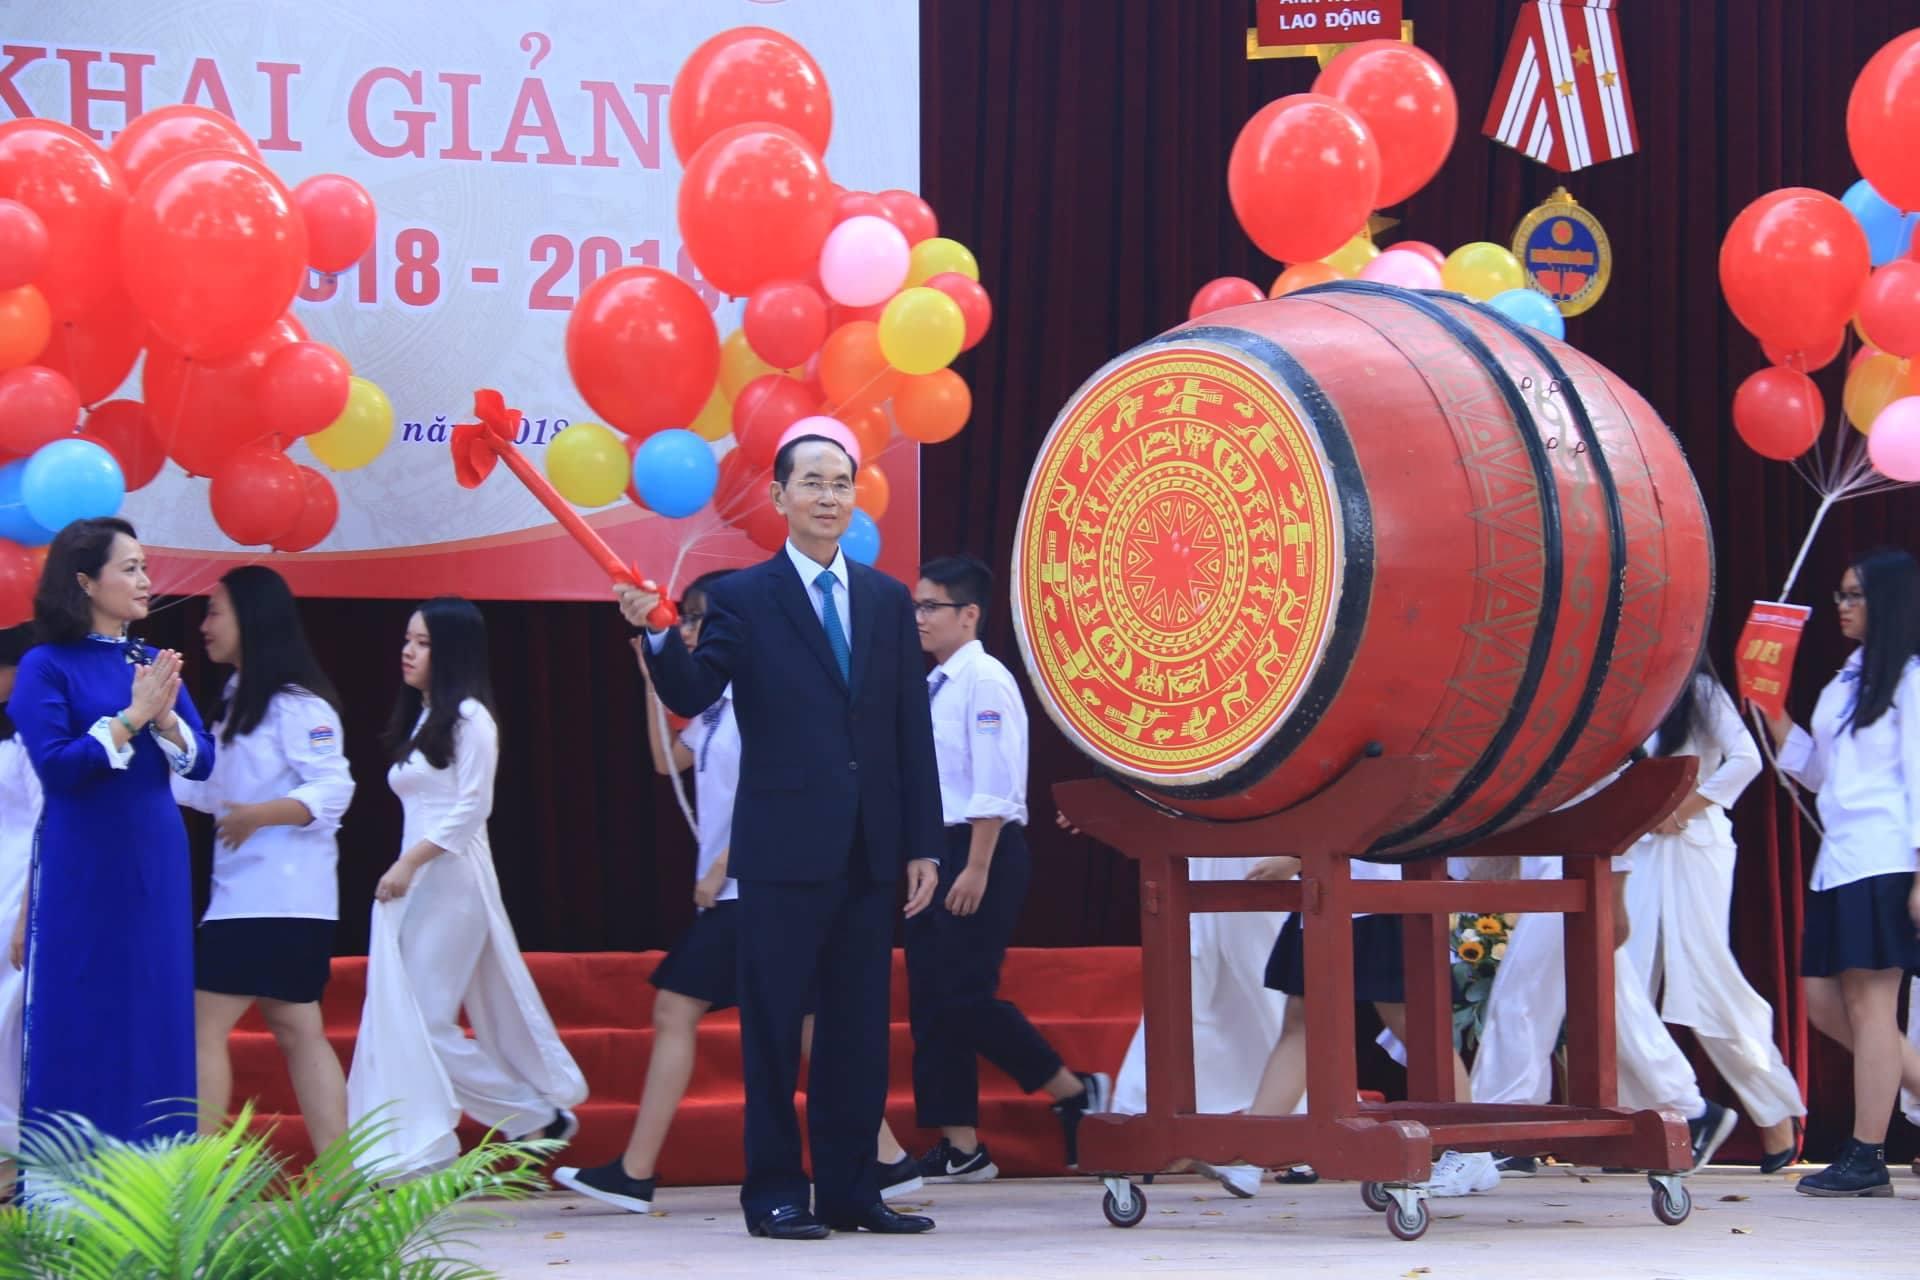 3 lần đánh trống trường của Chủ tịch nước Trần Đại Quang-5